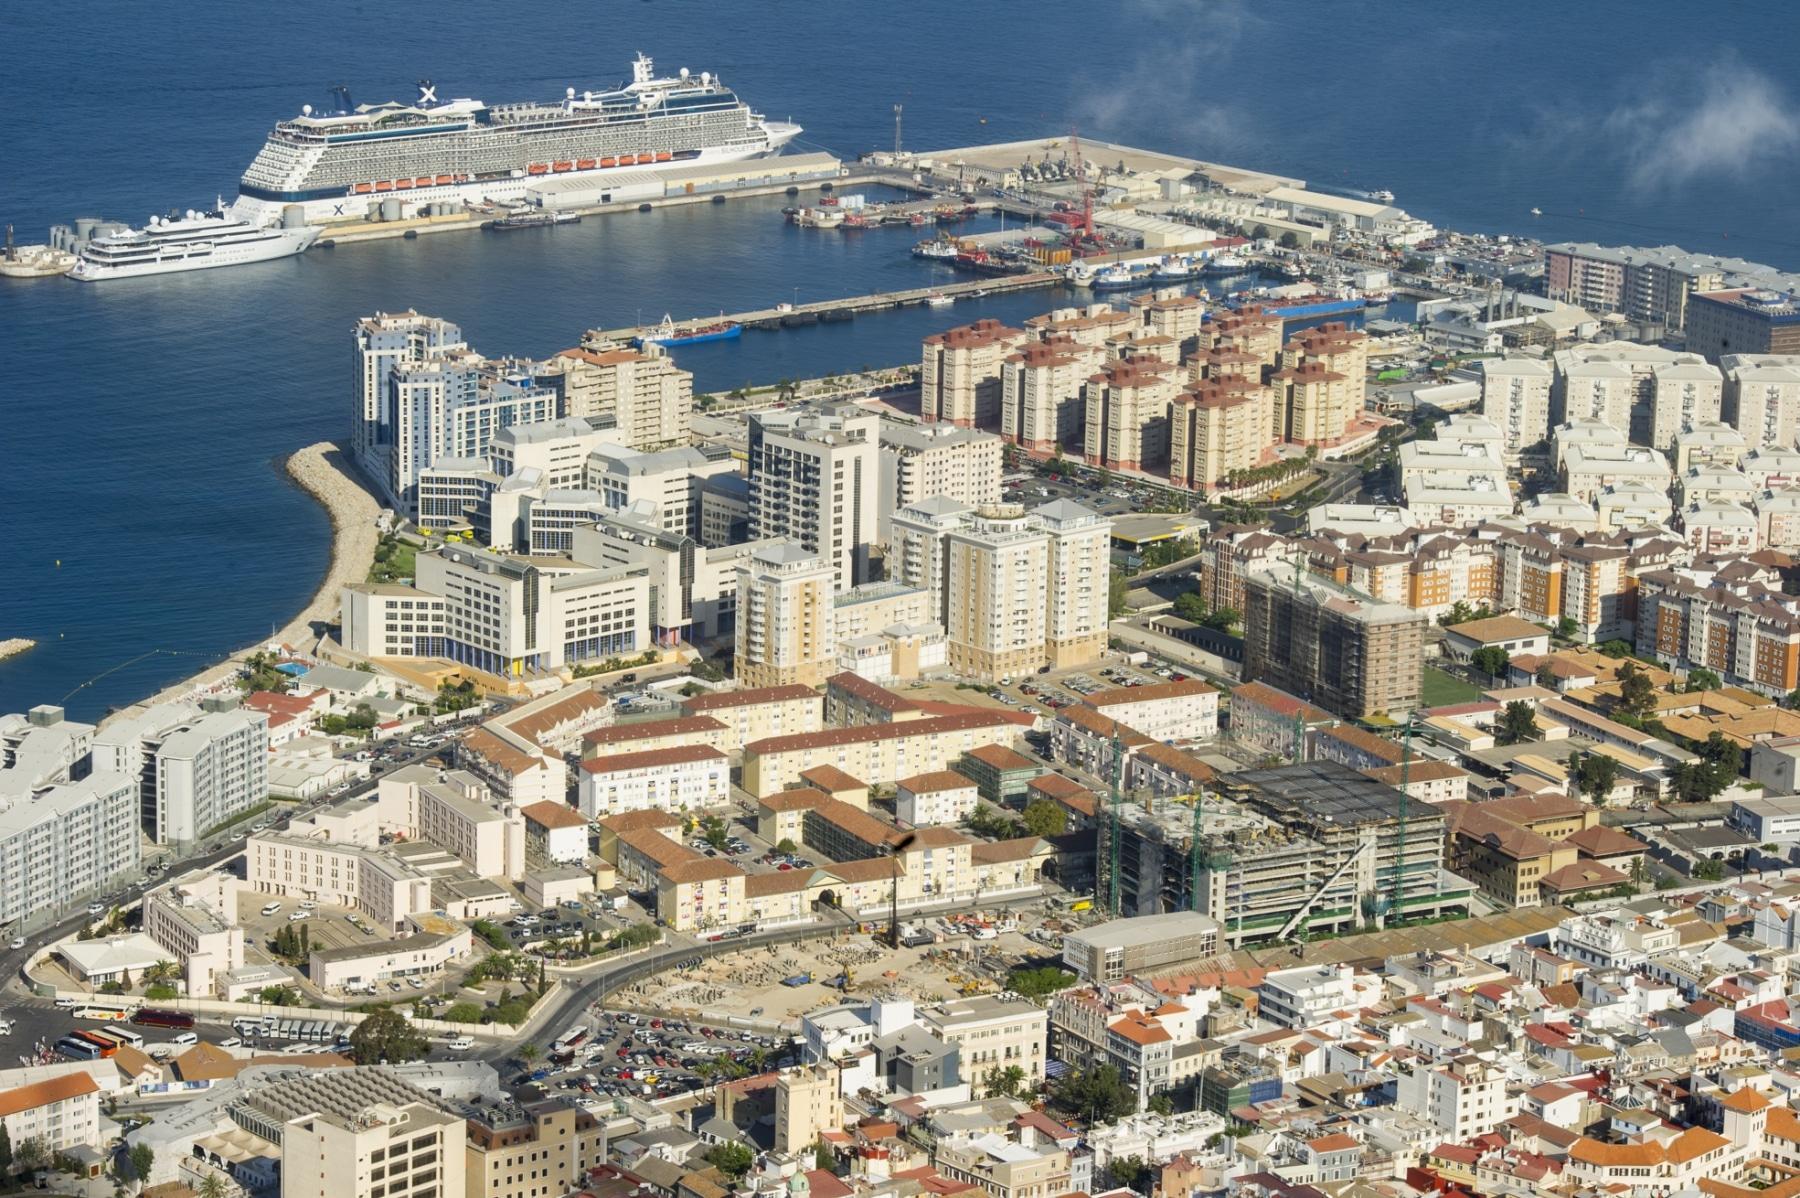 la-ciudad-y-un-crucero-en-el-puerto-de-gibraltar_22751585241_o